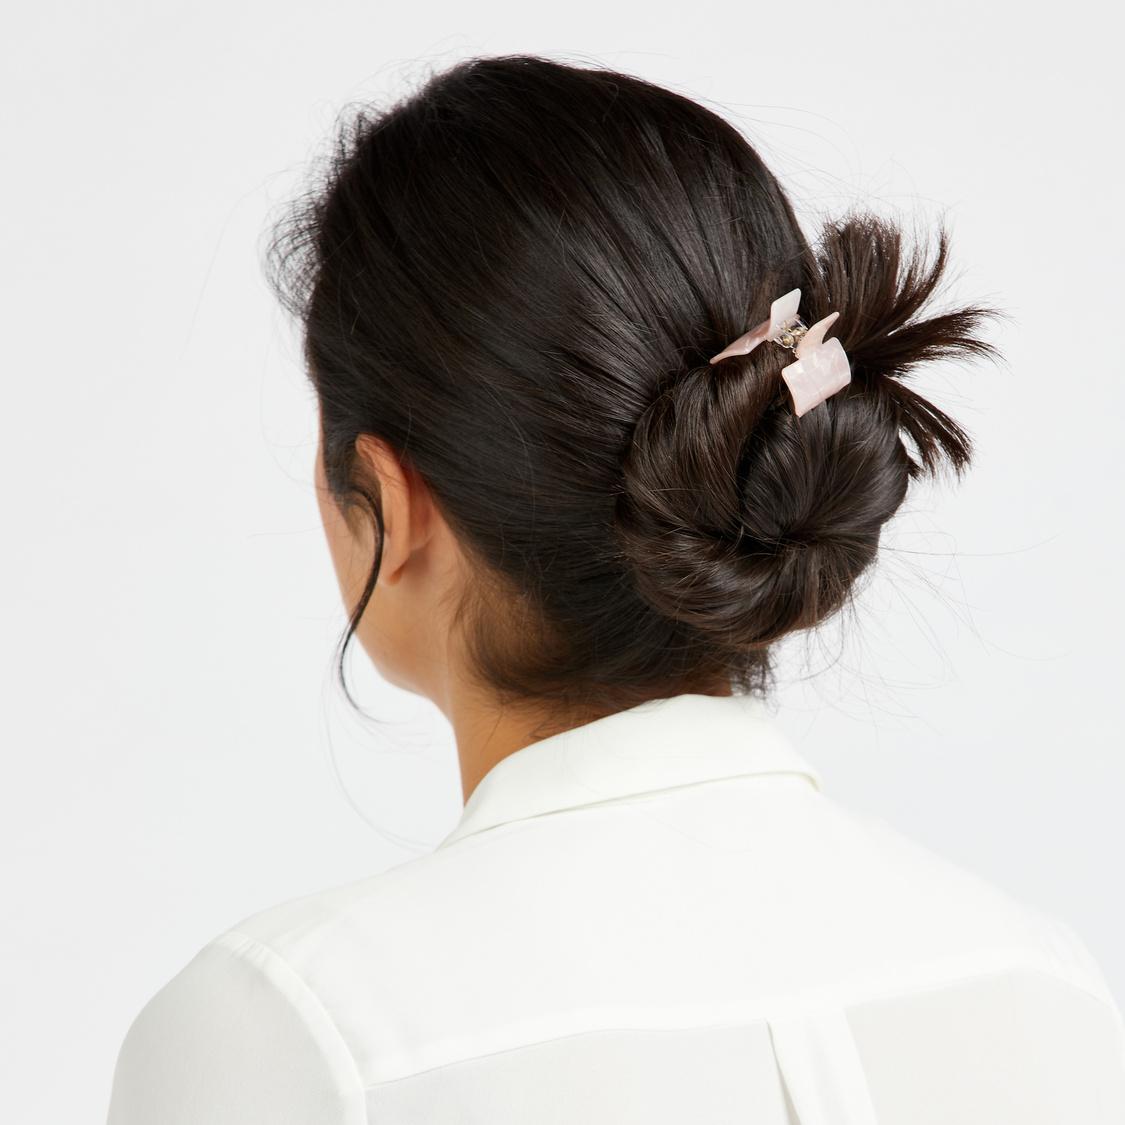 مشابك شعر بارزة الملمس - طقم من 3 قطع